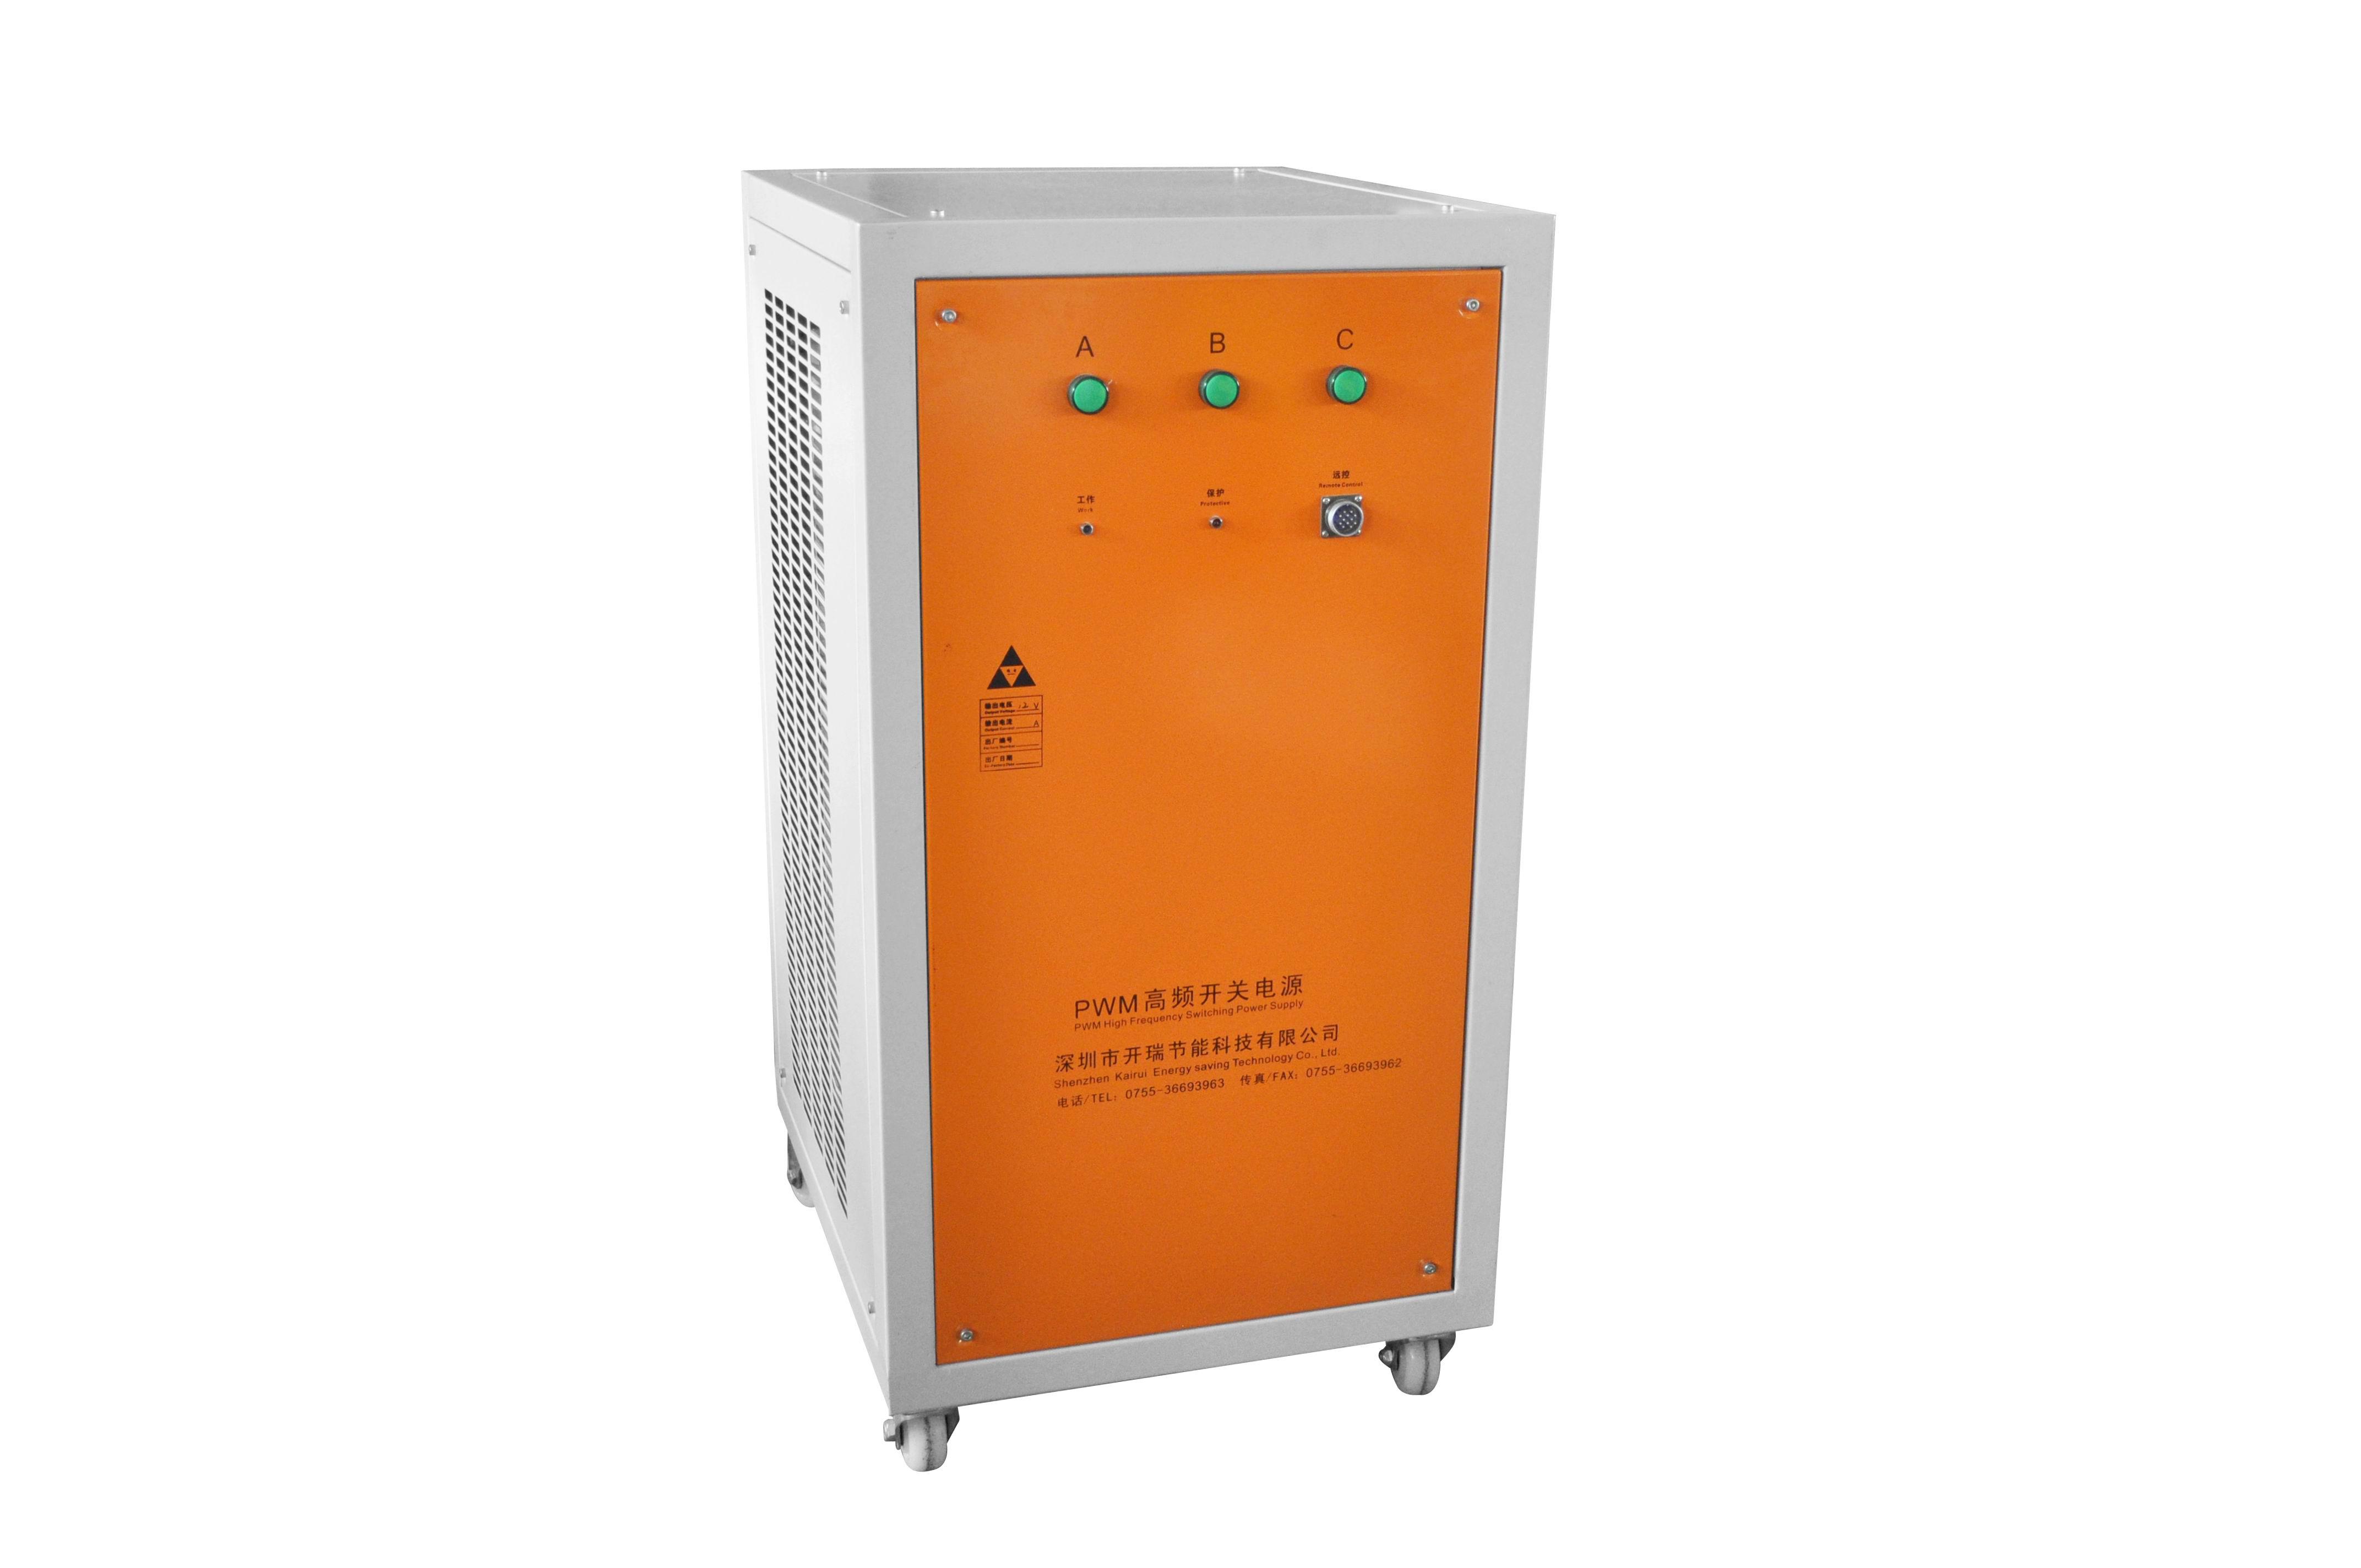 在电镀中用高频整流器使用中的常见故障与维修